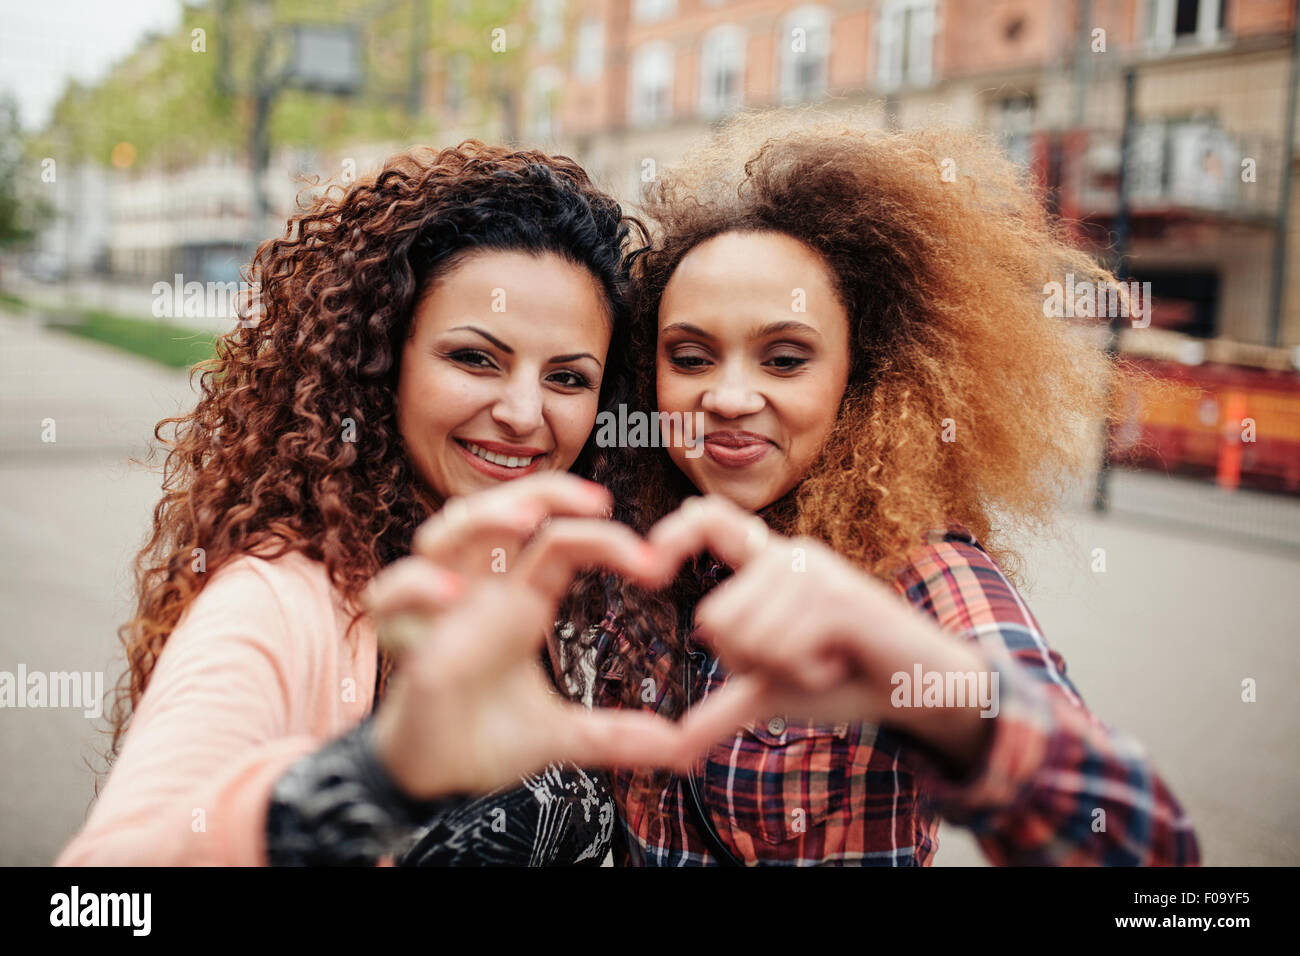 Bella mujer joven haciendo forma de corazón con los dedos. Dos mujeres de pie junto al aire libre en las calles Imagen De Stock